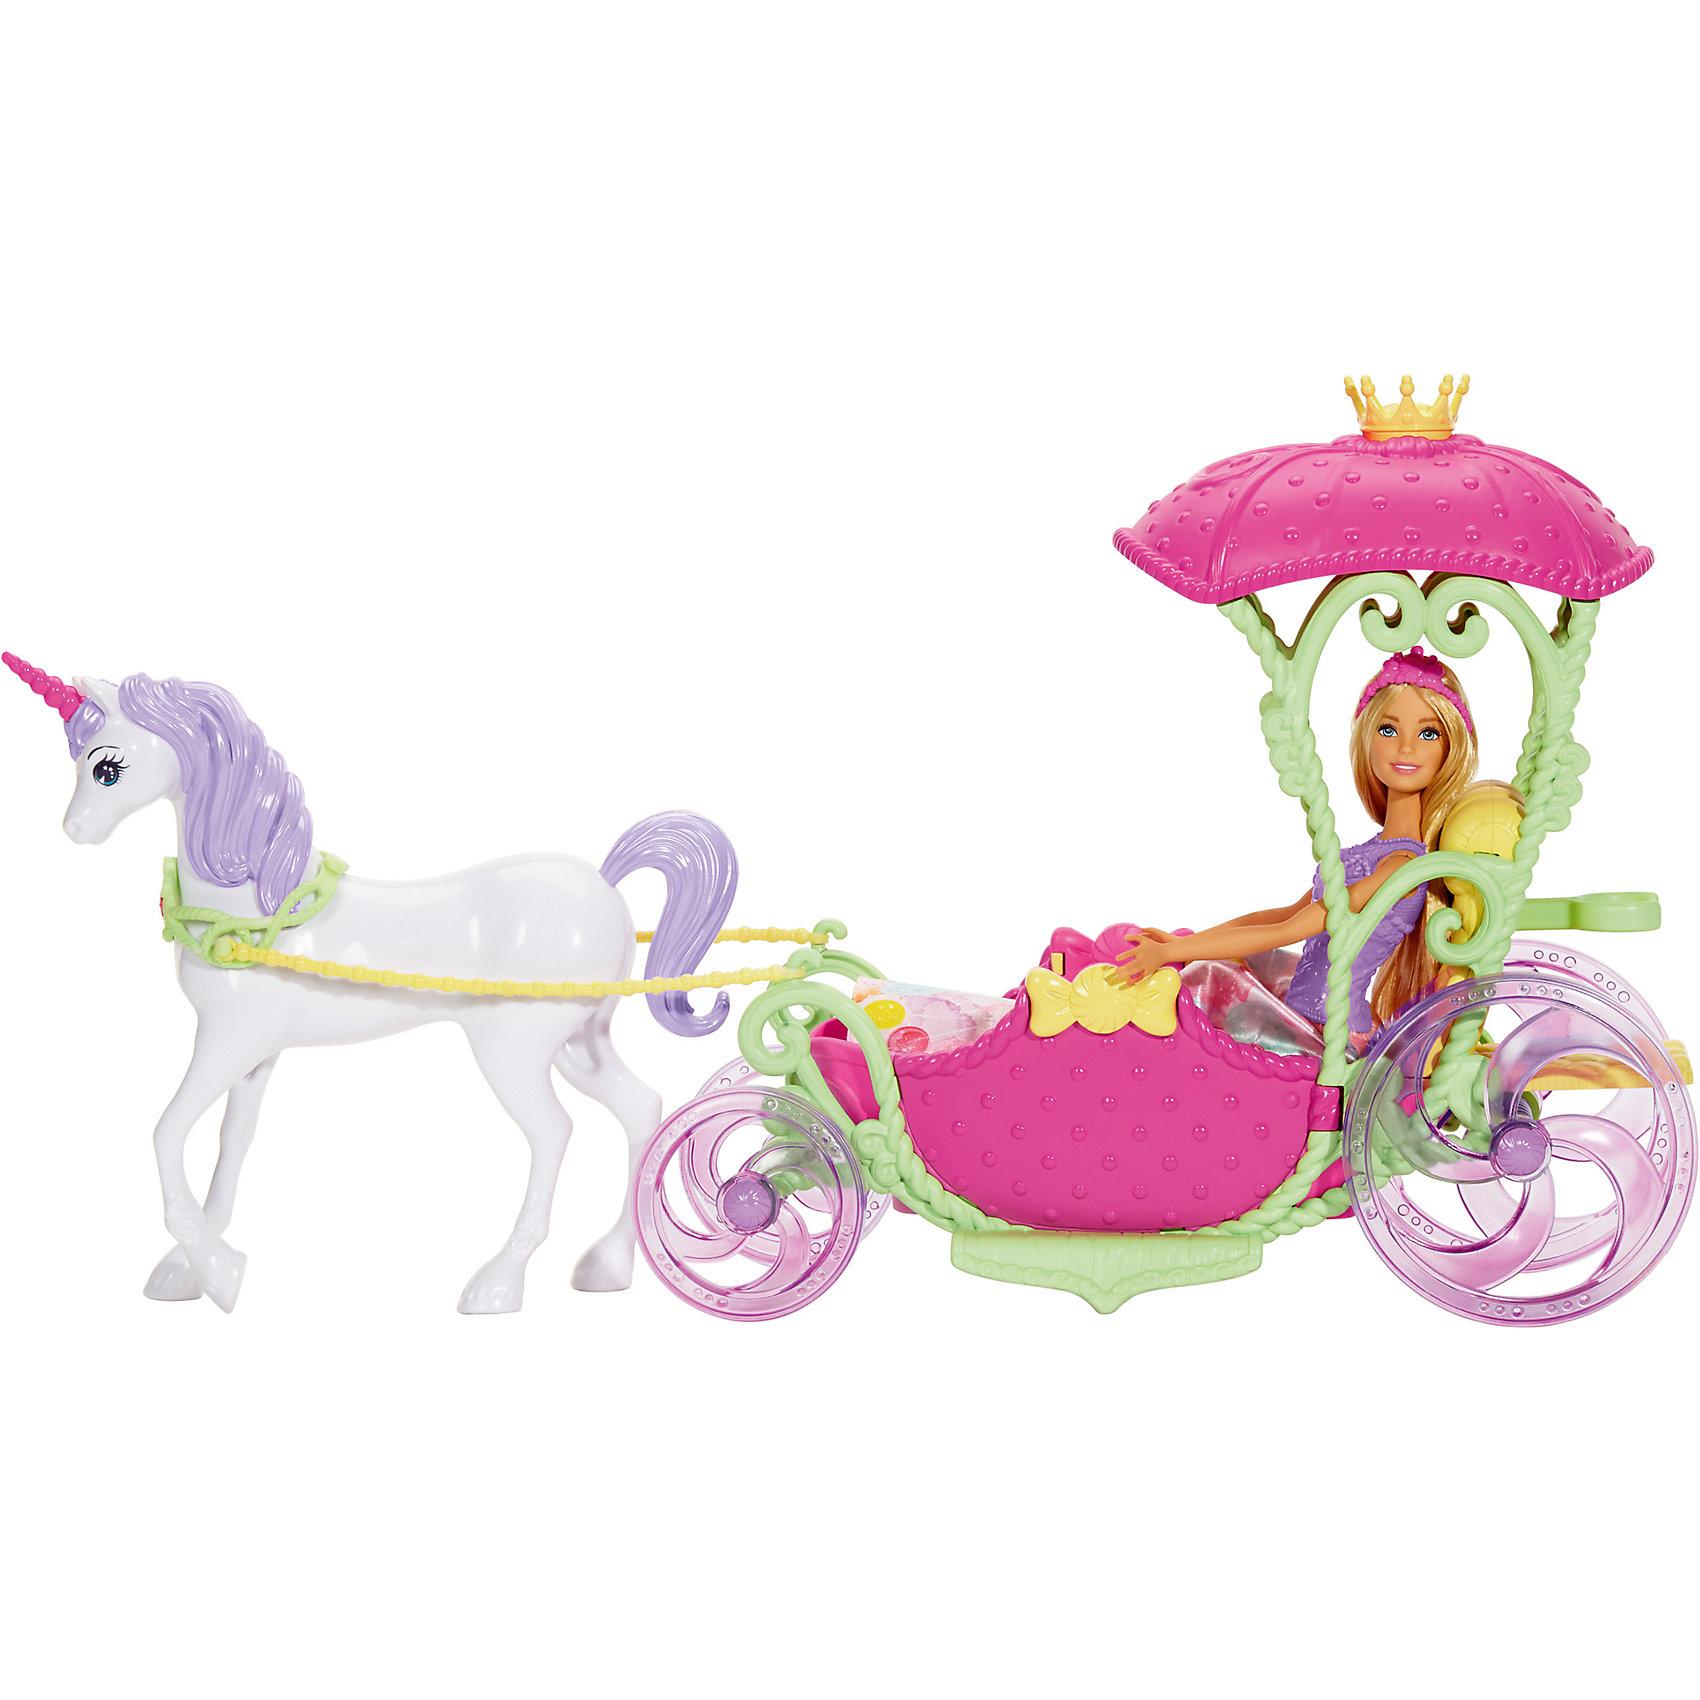 Игровой набор Barbie Конфетная карета и куклаКуклы-модели<br>Характеристики товара:<br><br>• возраст: от 3 лет<br>• материал: пластик;<br>• упаковка: коробка;<br>• высота куклы: 28-30 см<br>• страна бренда: США<br><br>Экипаж Barbie™ Dreamtopia, запряженный единорогом, идеально подходит для прогулки принцессы Barbie®. Корона на розовой крыше, которую поддерживают изящные зеленые стебли, похожа на листья, розовые двери украшены бантиками, а сиреневые колеса крутятся, когда экипаж едет. <br><br>Принцесса Barbie® может пригласить друга, ведь в экипаже с?комфортом могут разместиться двое. Белый единорог с розовым рогом и?сиреневой гривой и хвостом готов отвезти тебя в страну фантазий. Он запряжен в экипаж, у него есть сбруя и вожжи. <br><br>Принцесса Barbie® выглядит очаровательно в ?украшенном сладостями розовом корсаже, съемной юбке с фруктовым узором, туфельках в тон и розовой тиаре.<br><br>Игровой набор Barbie Конфетная карета можно купить в нашем интернет-магазине.<br><br>Ширина мм: 565<br>Глубина мм: 330<br>Высота мм: 144<br>Вес г: 1322<br>Возраст от месяцев: 36<br>Возраст до месяцев: 72<br>Пол: Женский<br>Возраст: Детский<br>SKU: 6739674